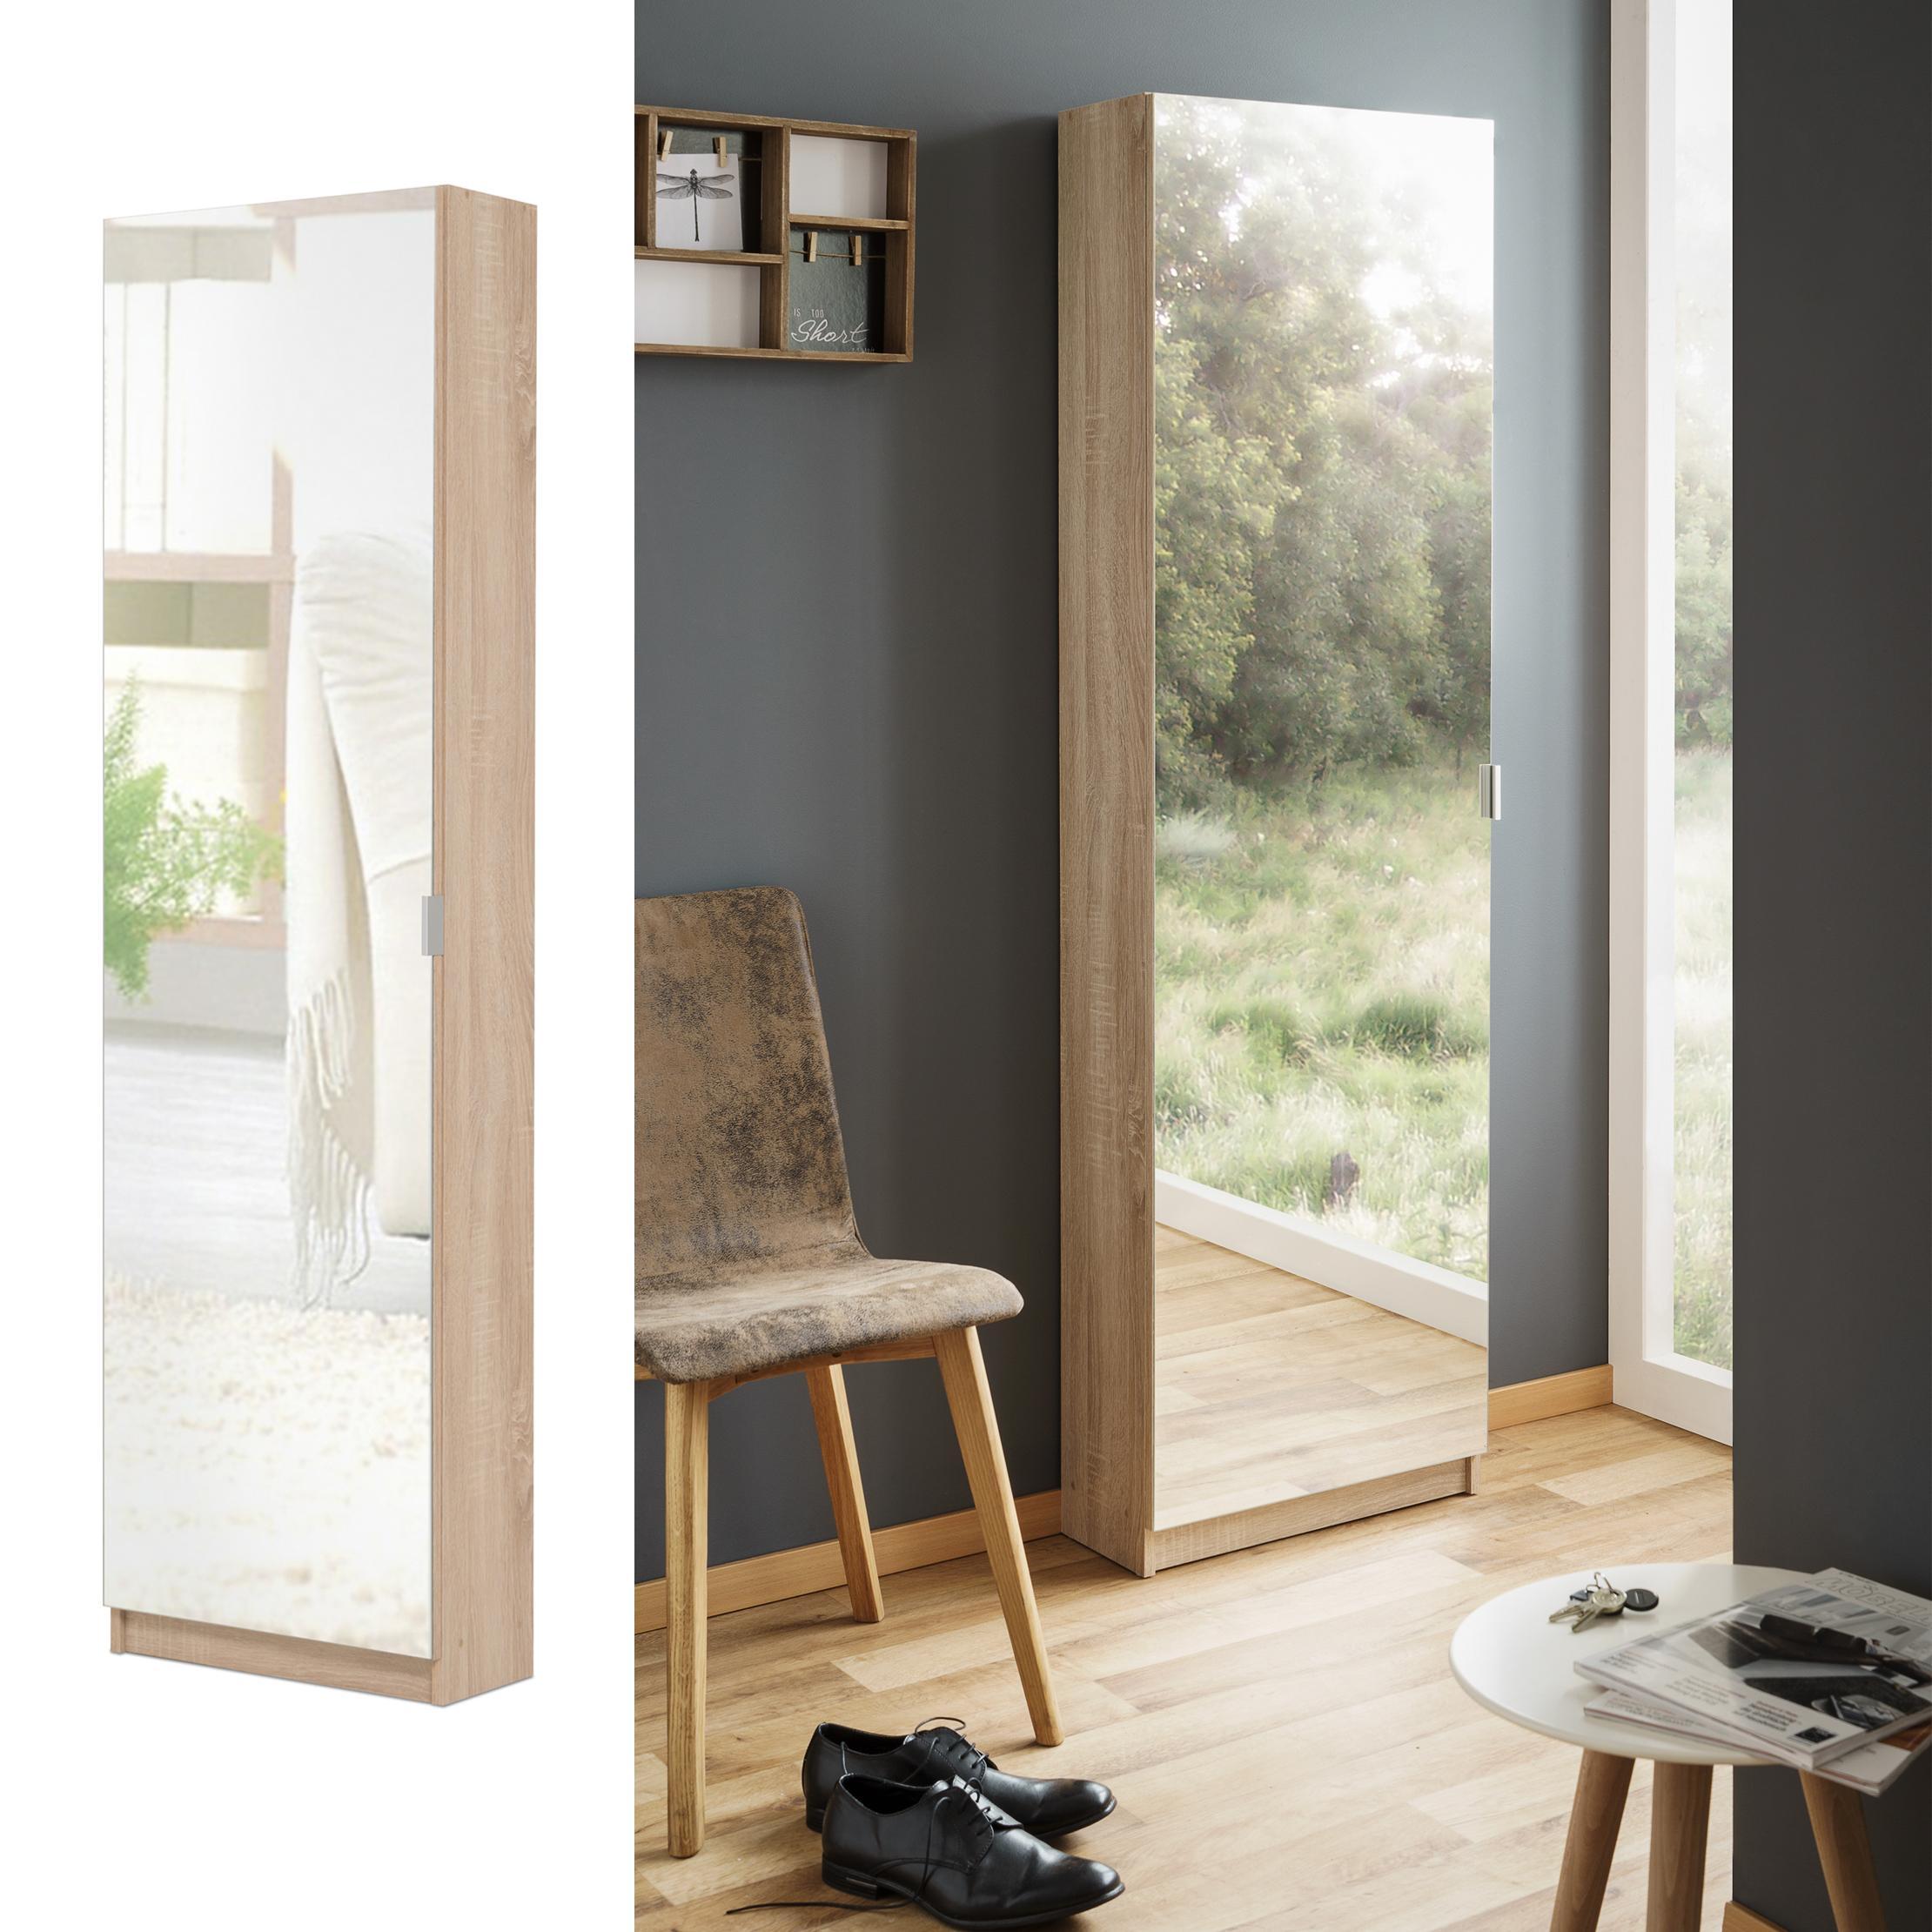 spiegelschuhschrank schuhschrank mit spiegelt r b h t 50 x 180 x 20 wei k che. Black Bedroom Furniture Sets. Home Design Ideas